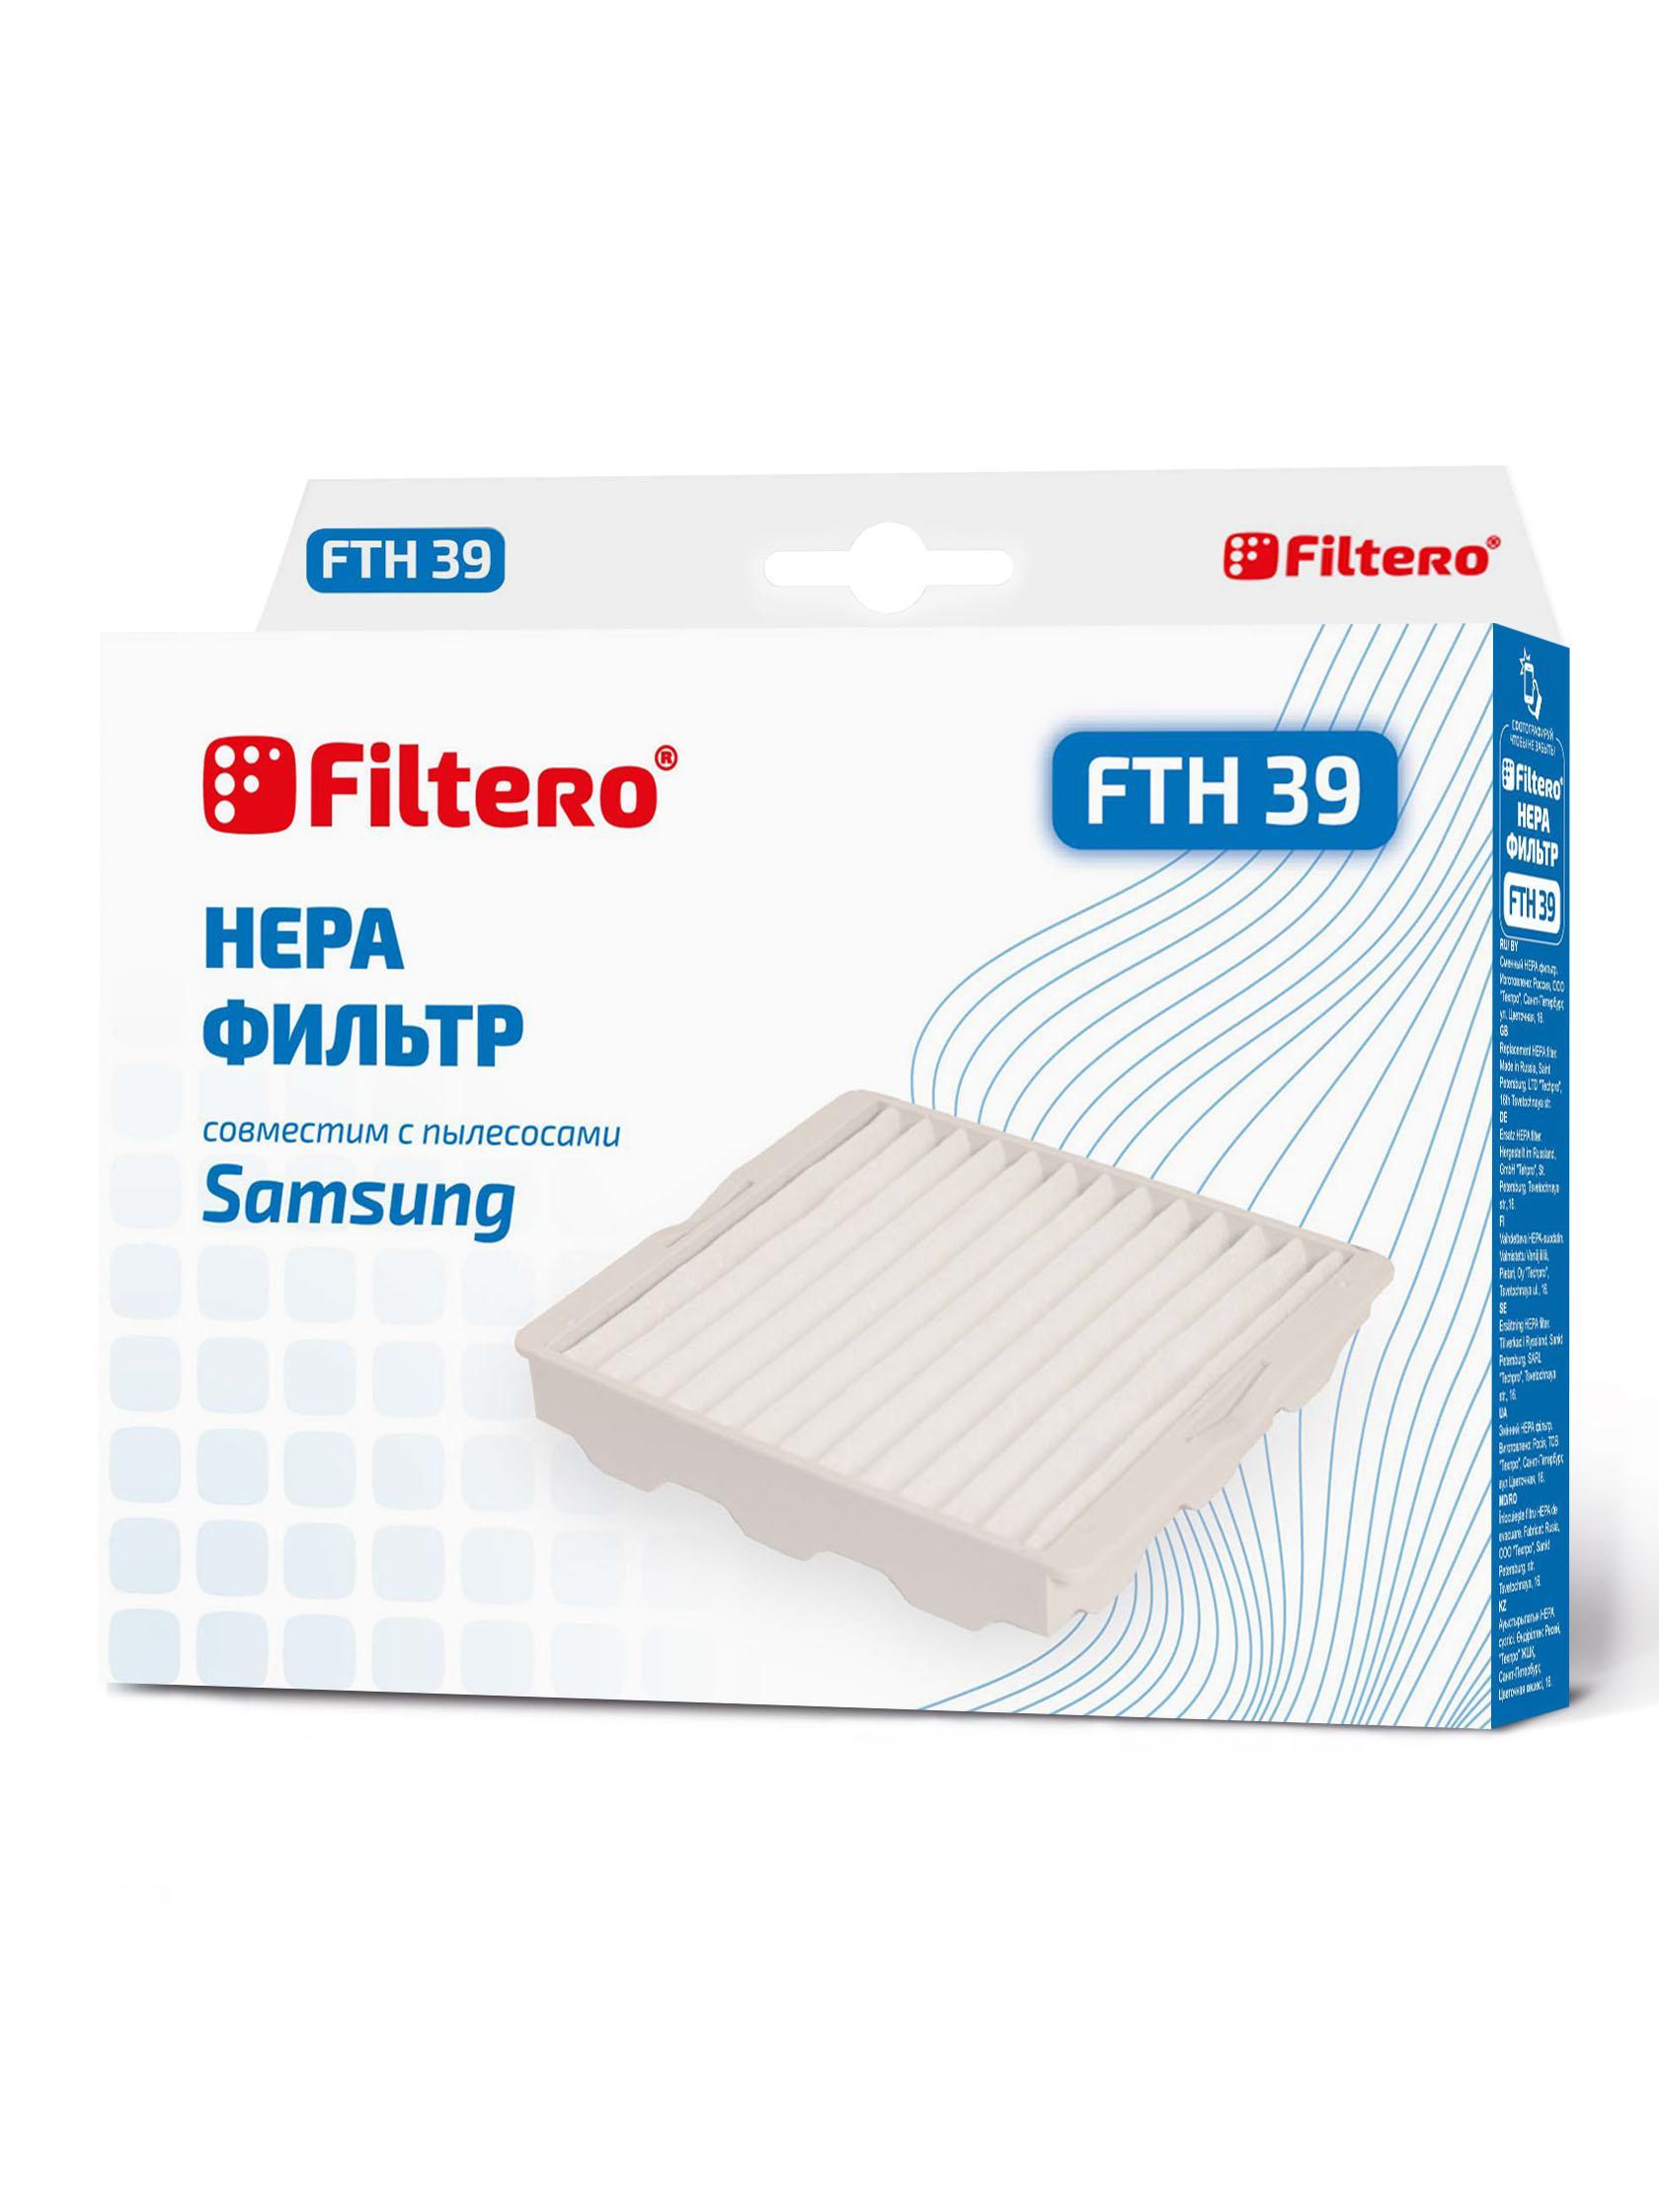 Фильтр Filtero Fth 39 hepa